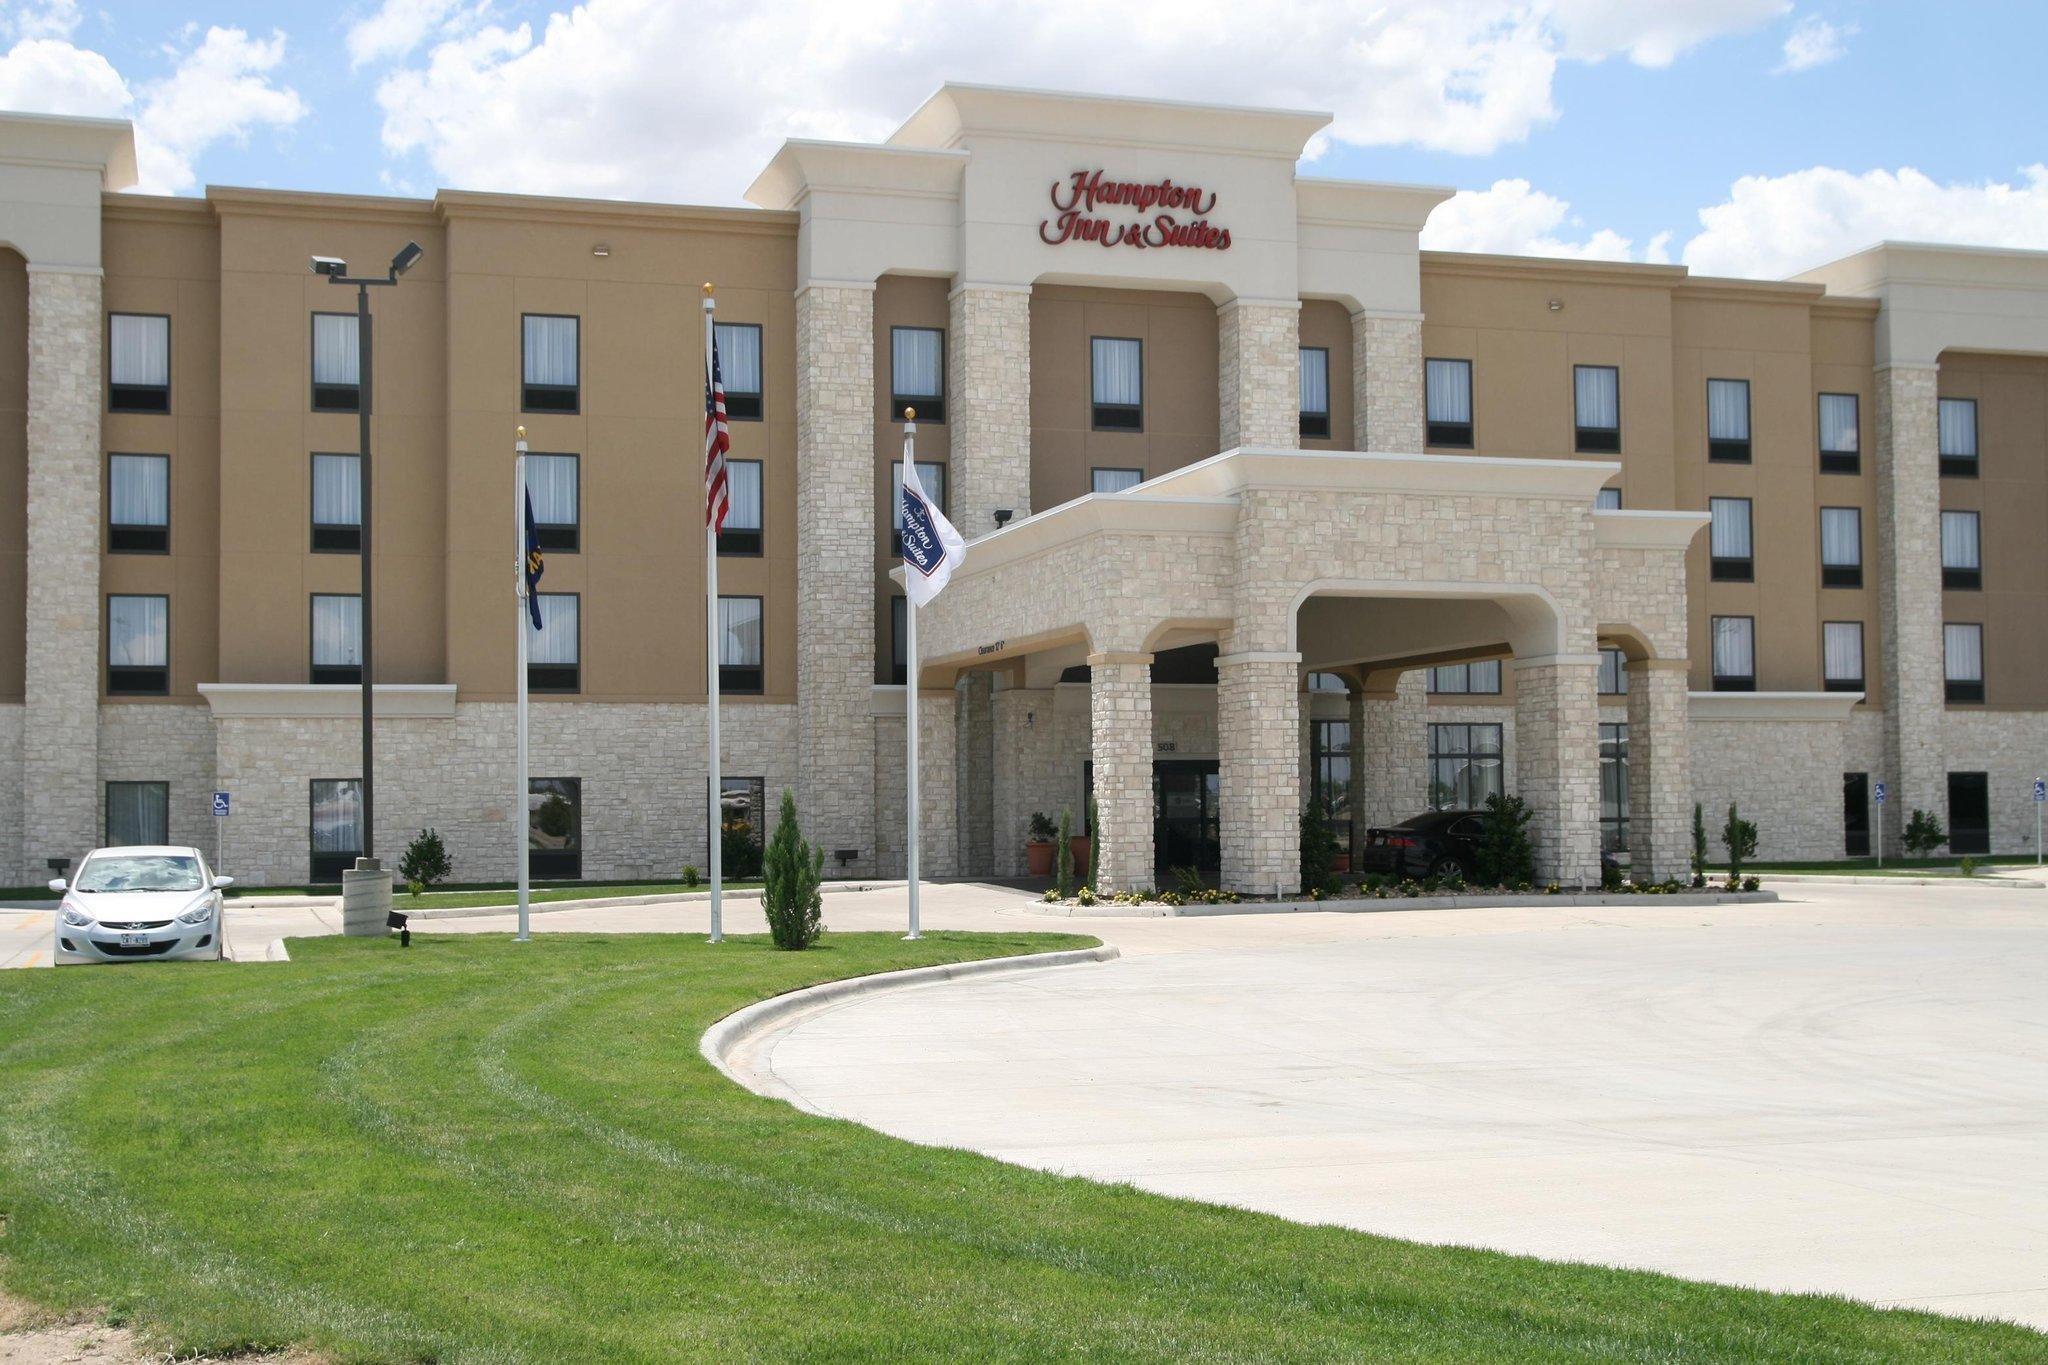 Hampton Inn And Suites Liberal